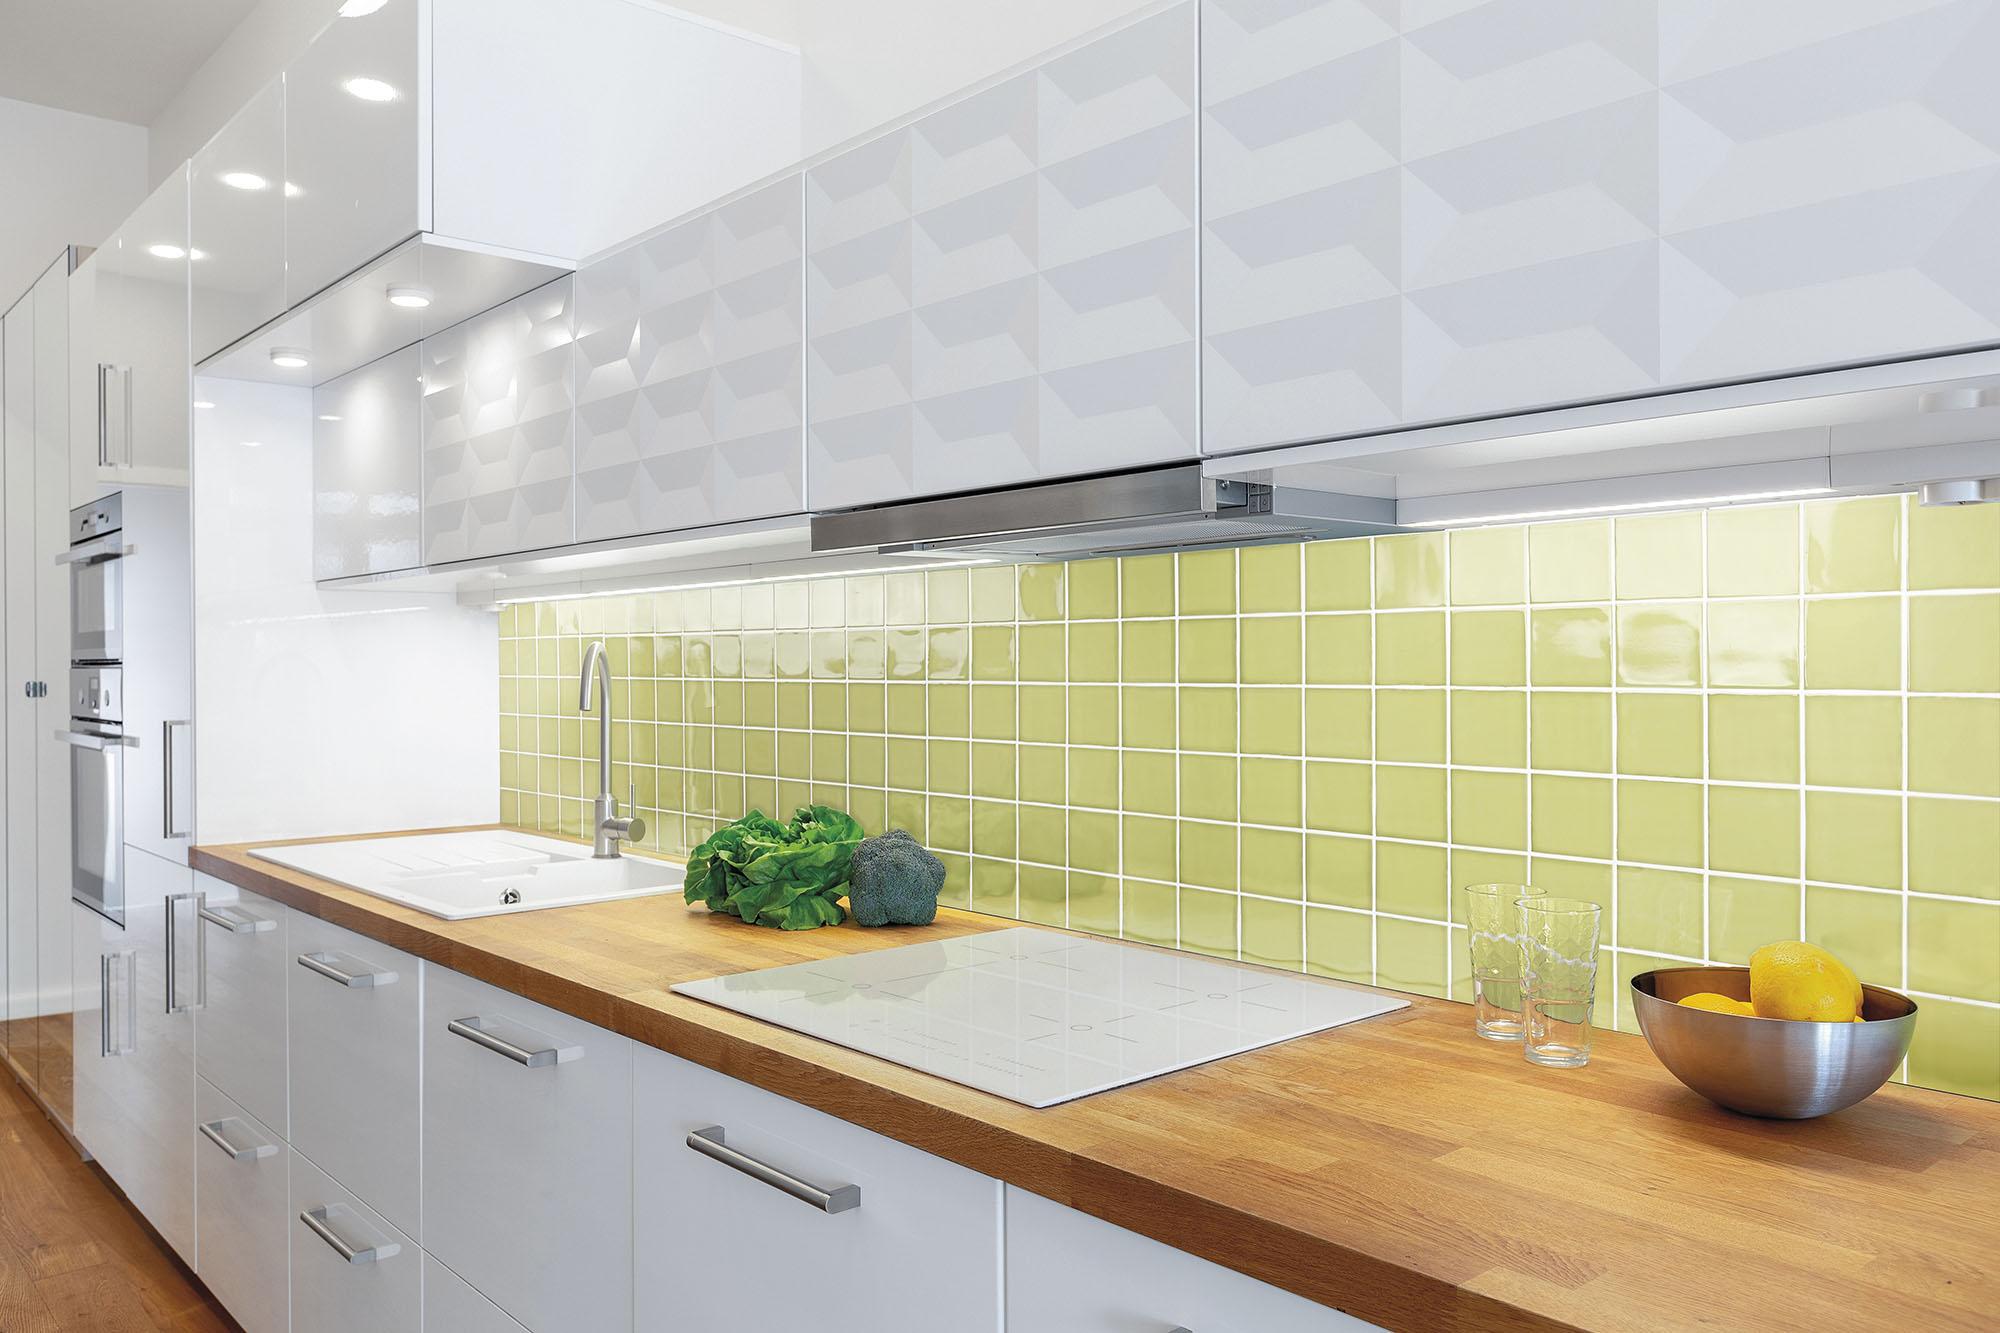 Urban Atelier Kiwi - Cozinha amb